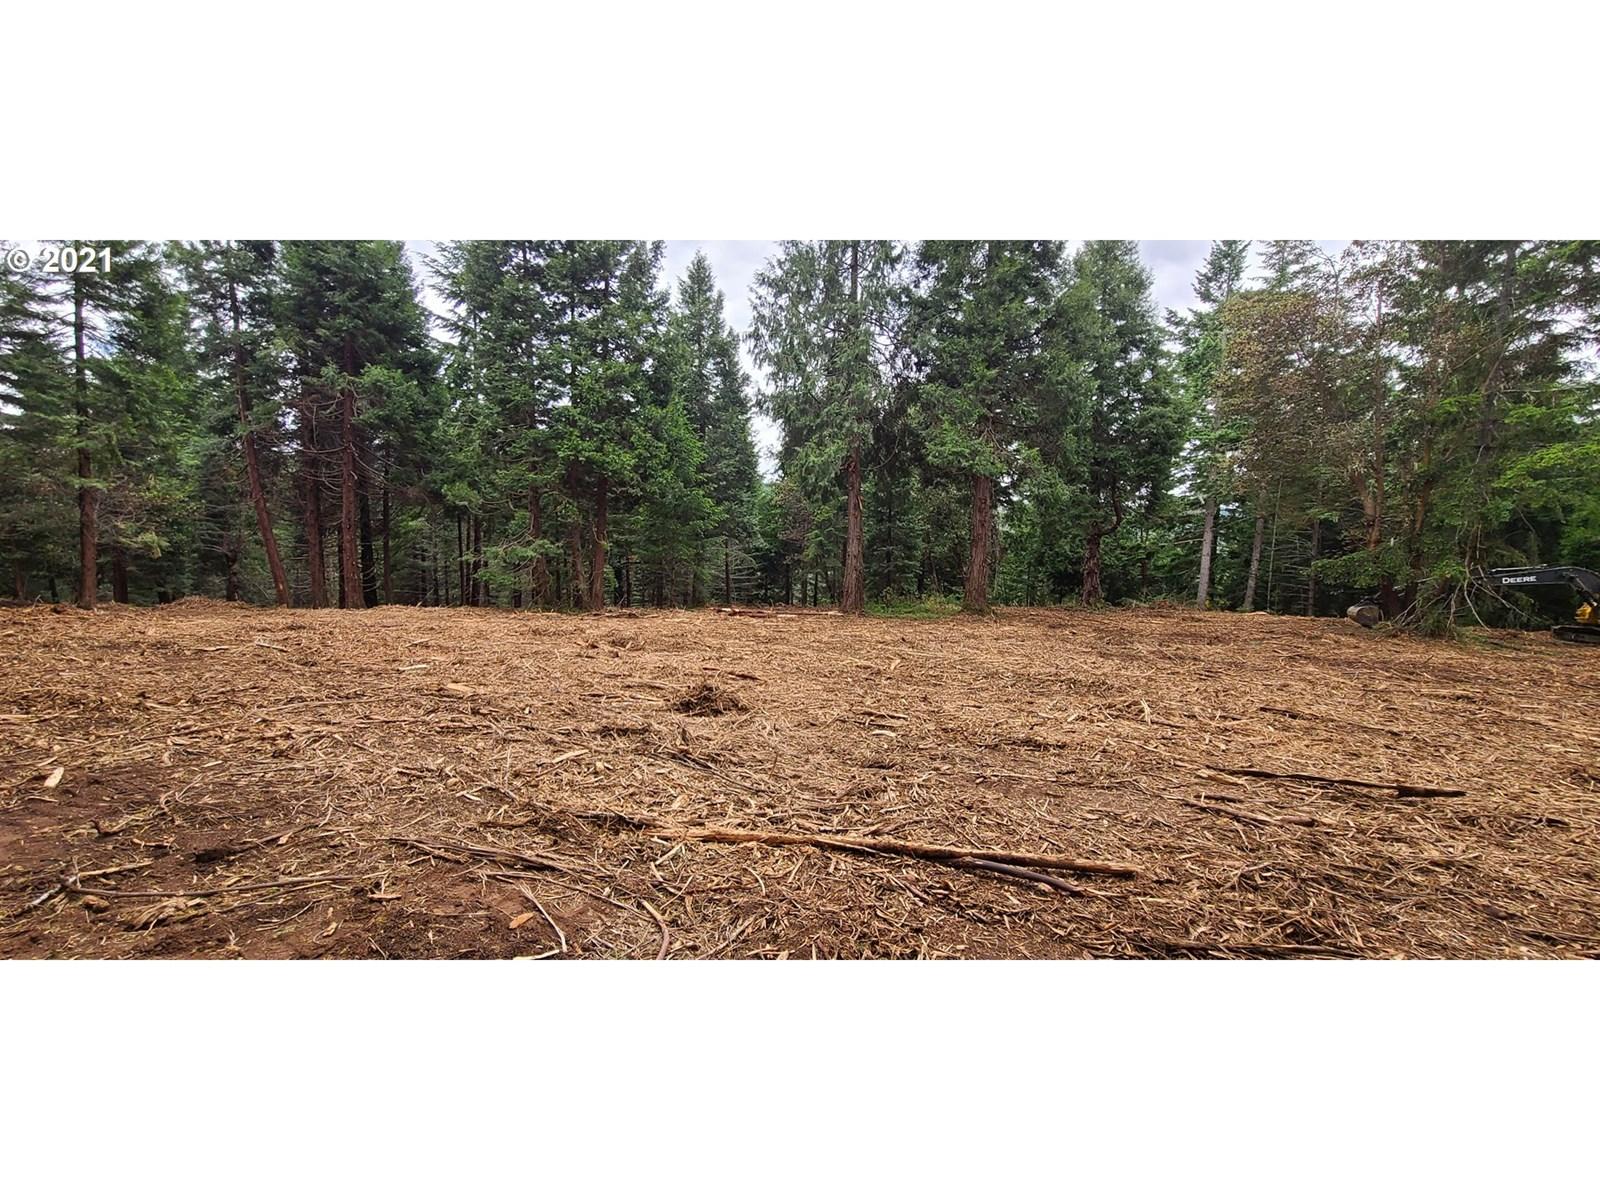 13.38 Private Acres For Sale in Drain, Oregon